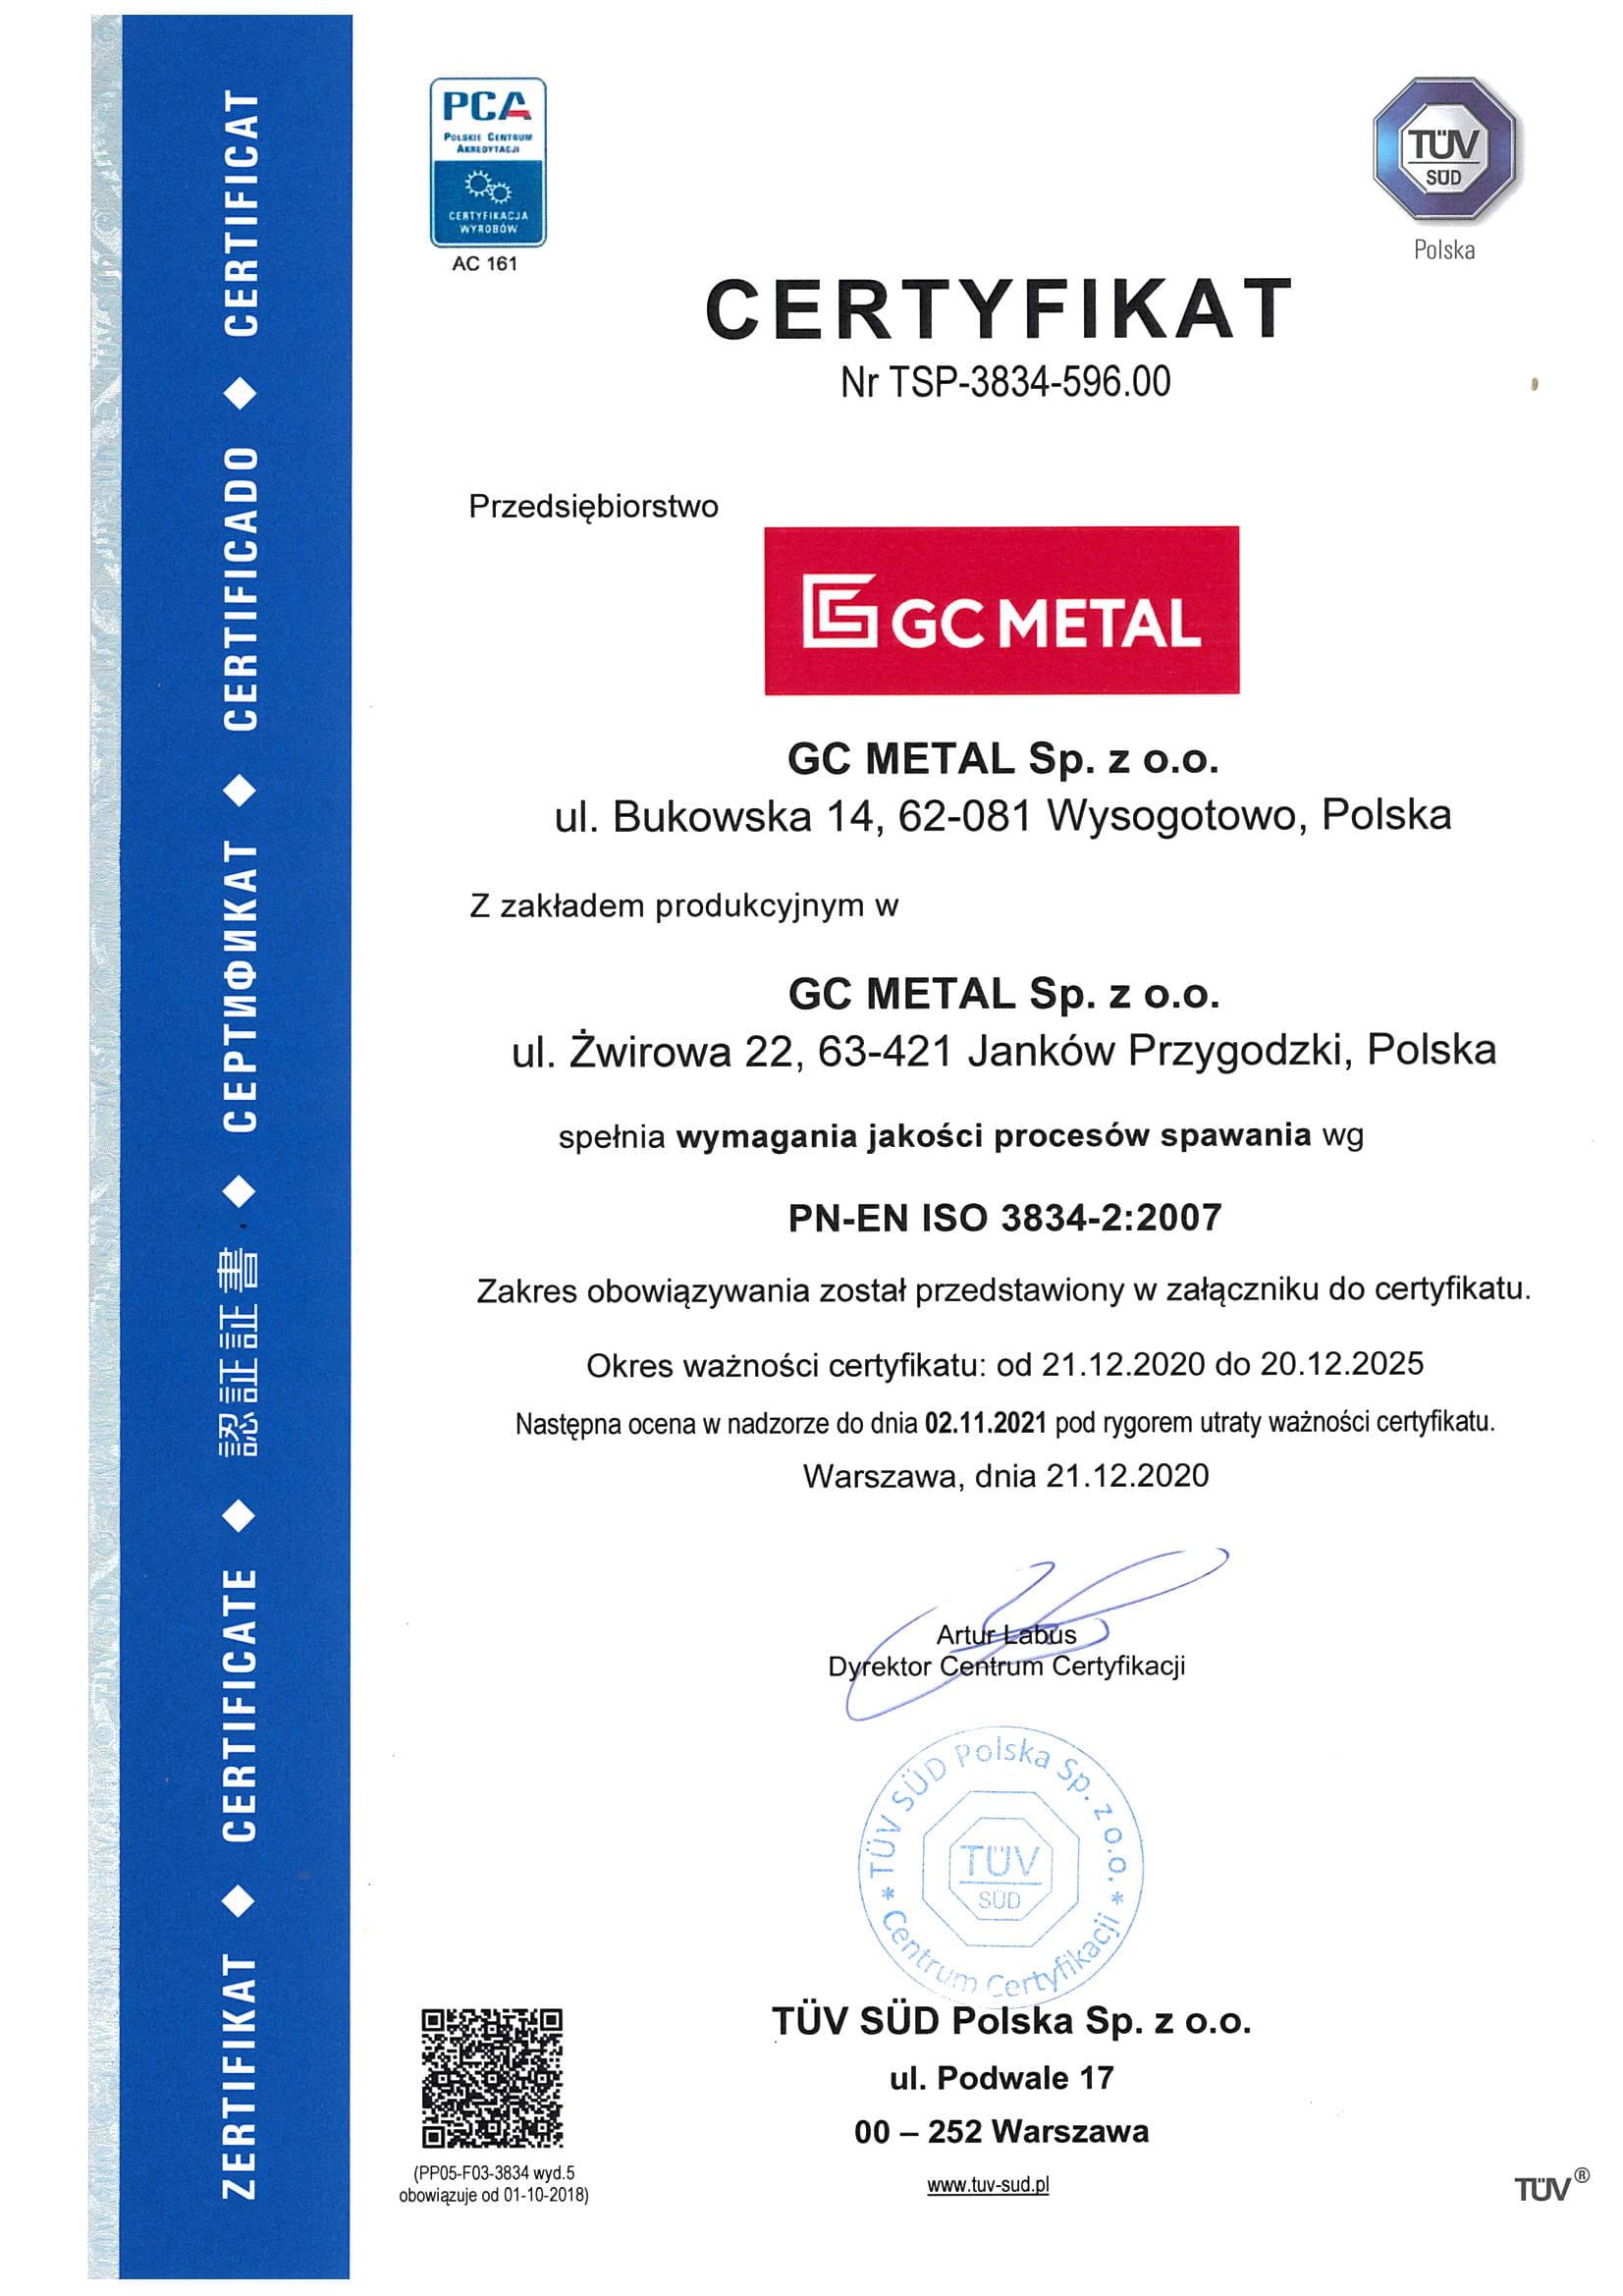 Certyfikat PL